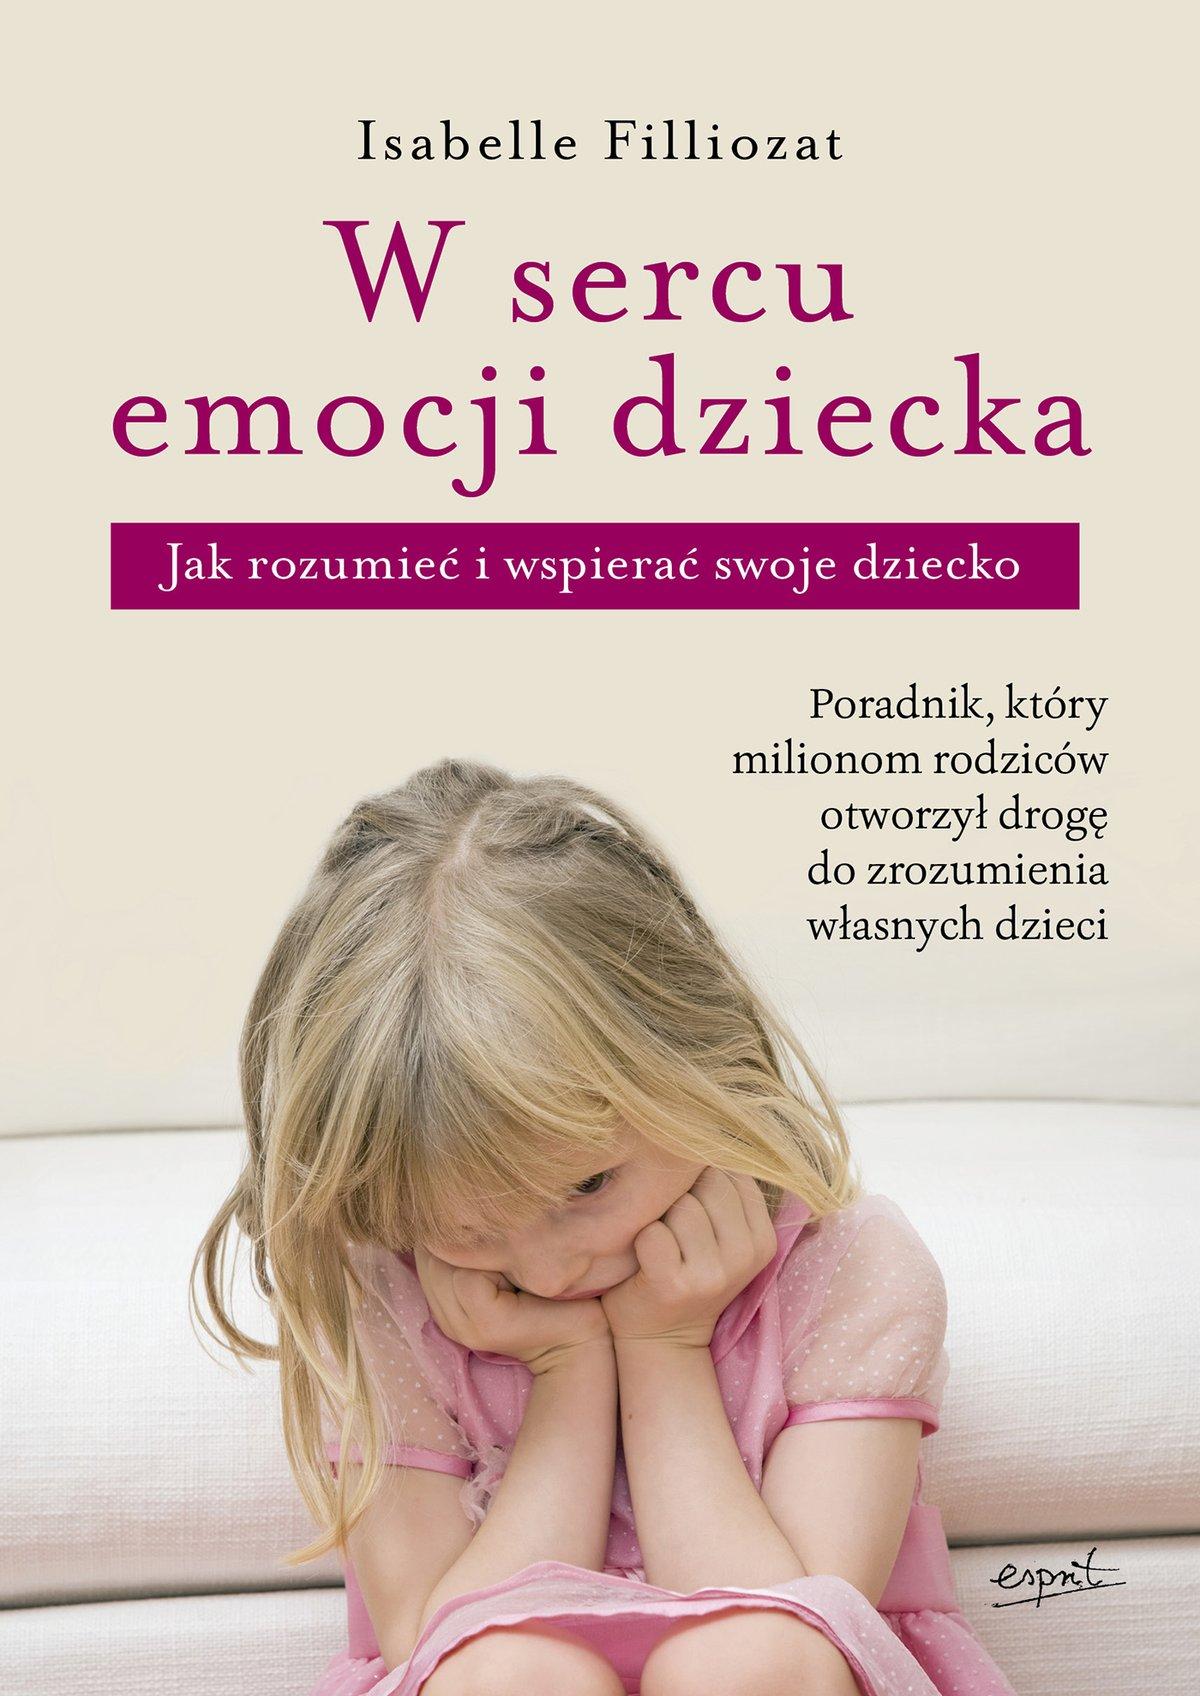 W sercu emocji dziecka - Ebook (Książka EPUB) do pobrania w formacie EPUB